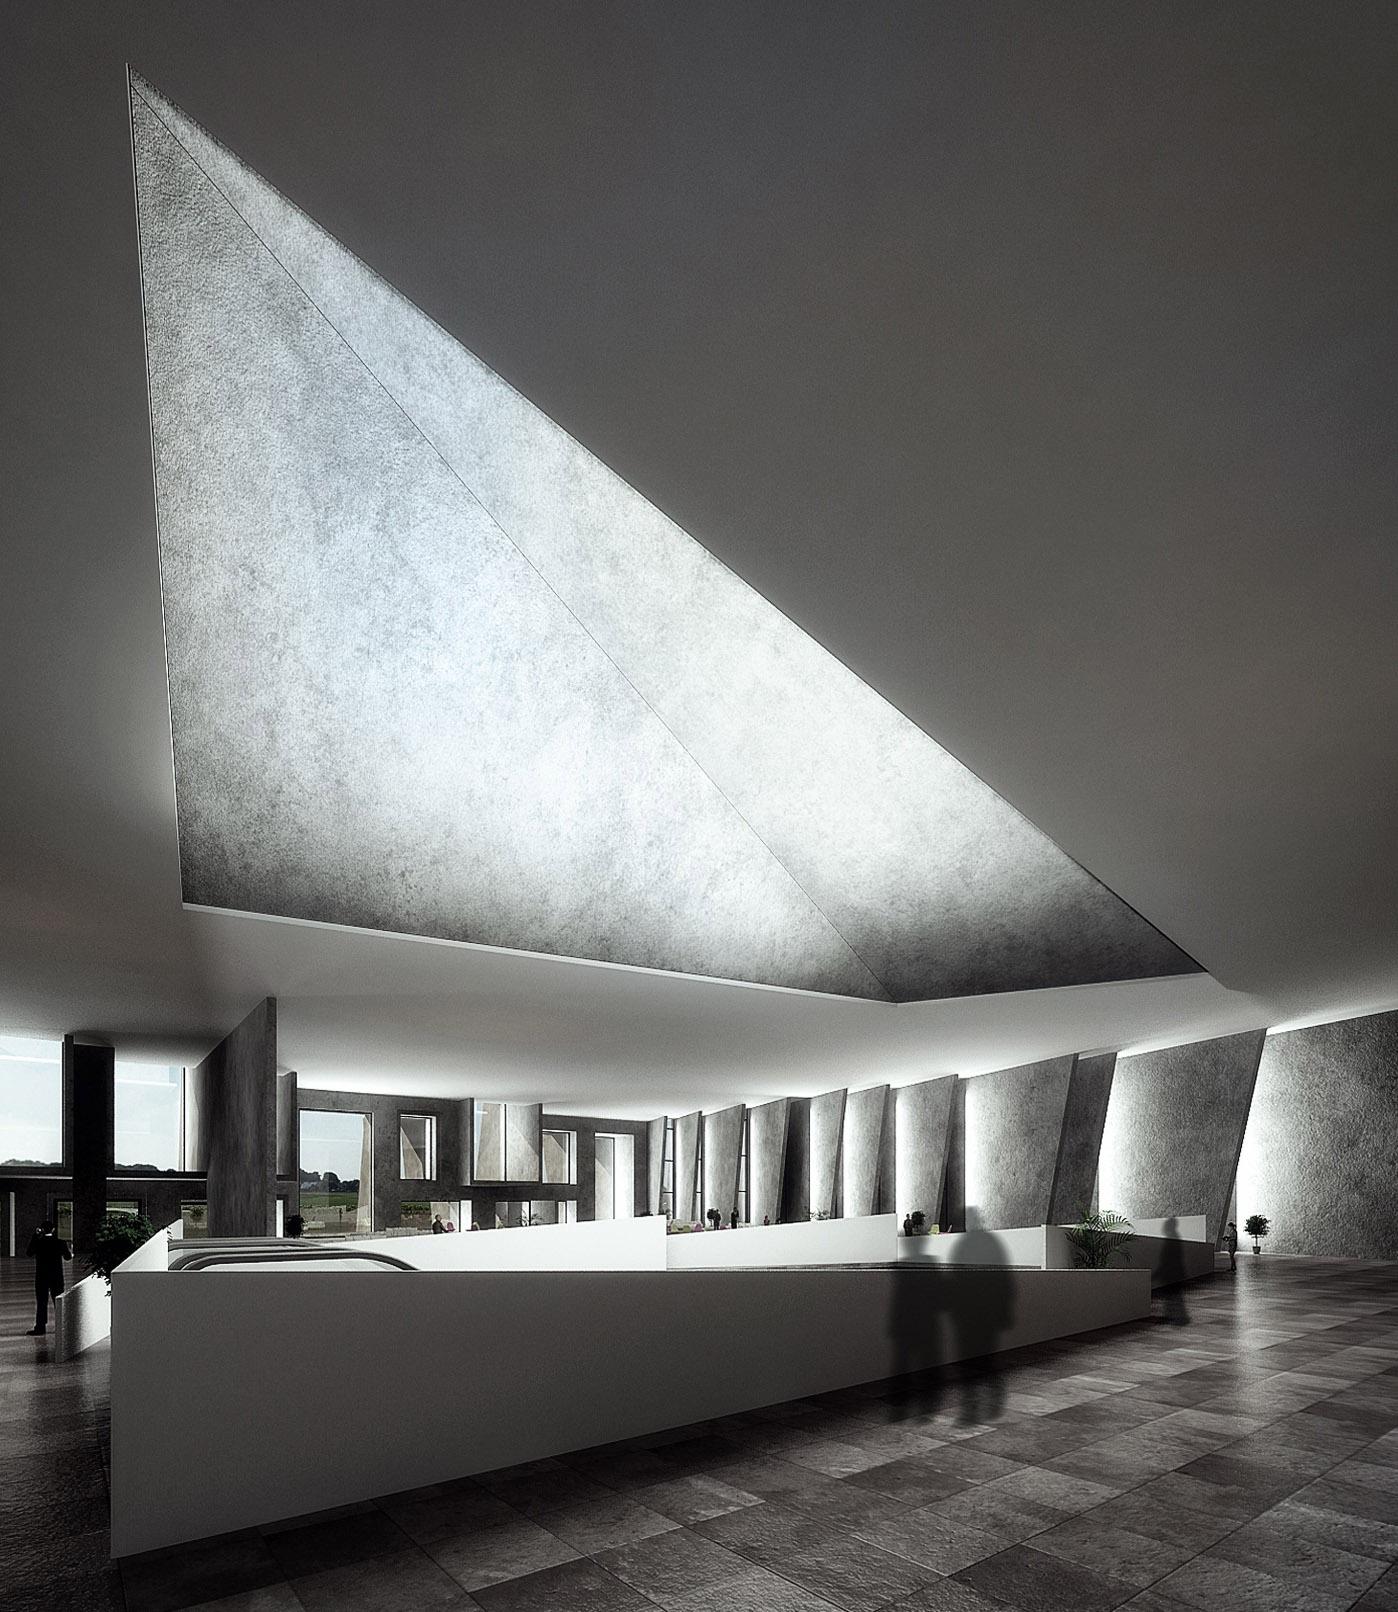 internal view sanjay puri architects}